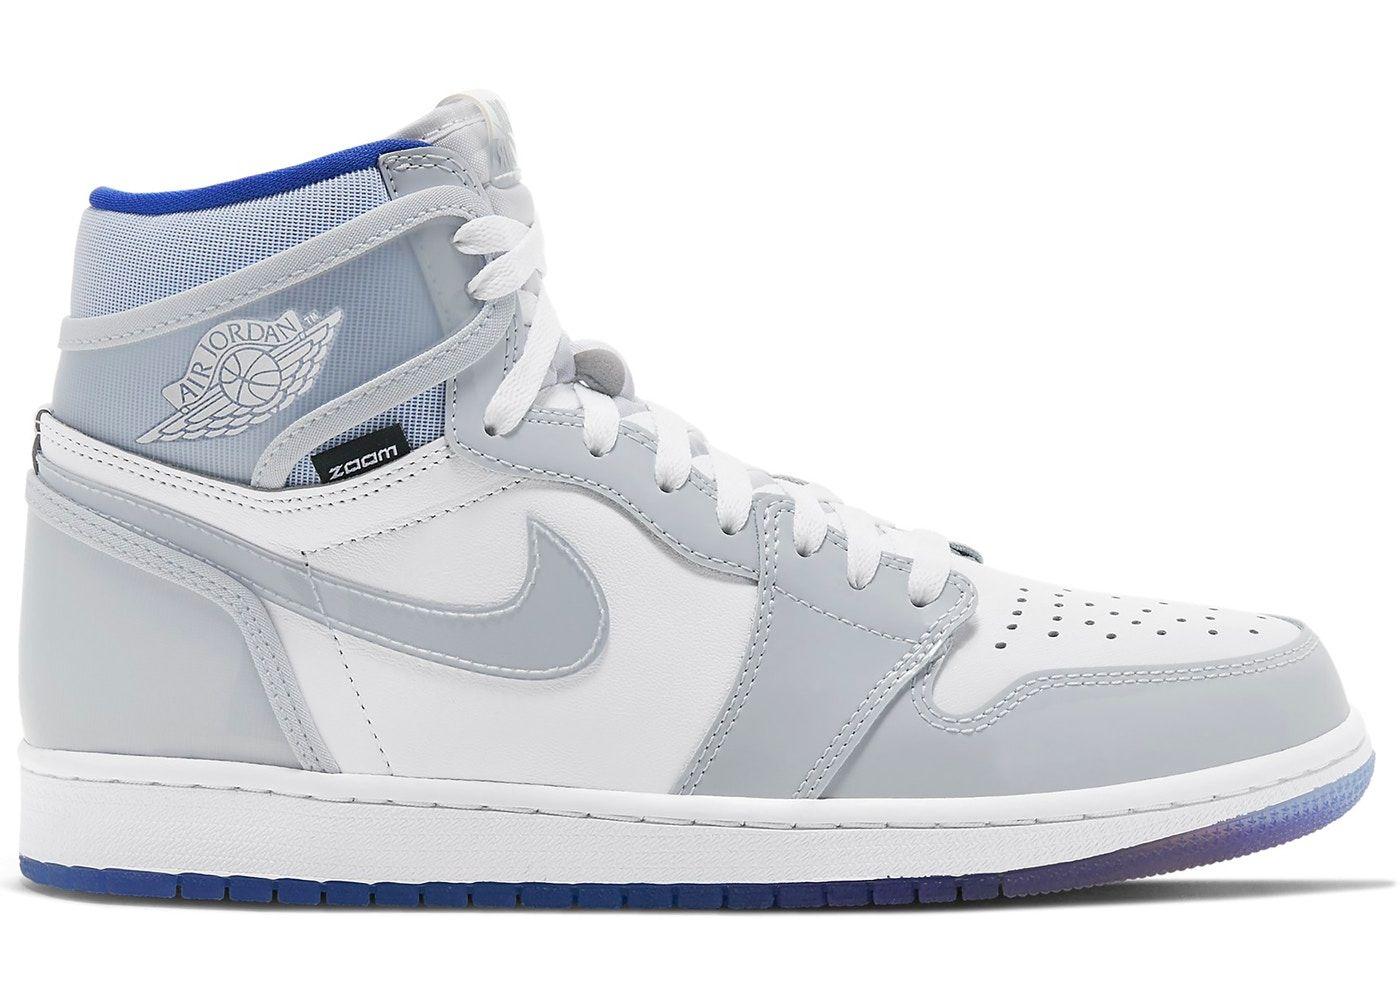 Jordan 1 Retro High Zoom White Racer Blue In 2020 Jordan 1 Retro